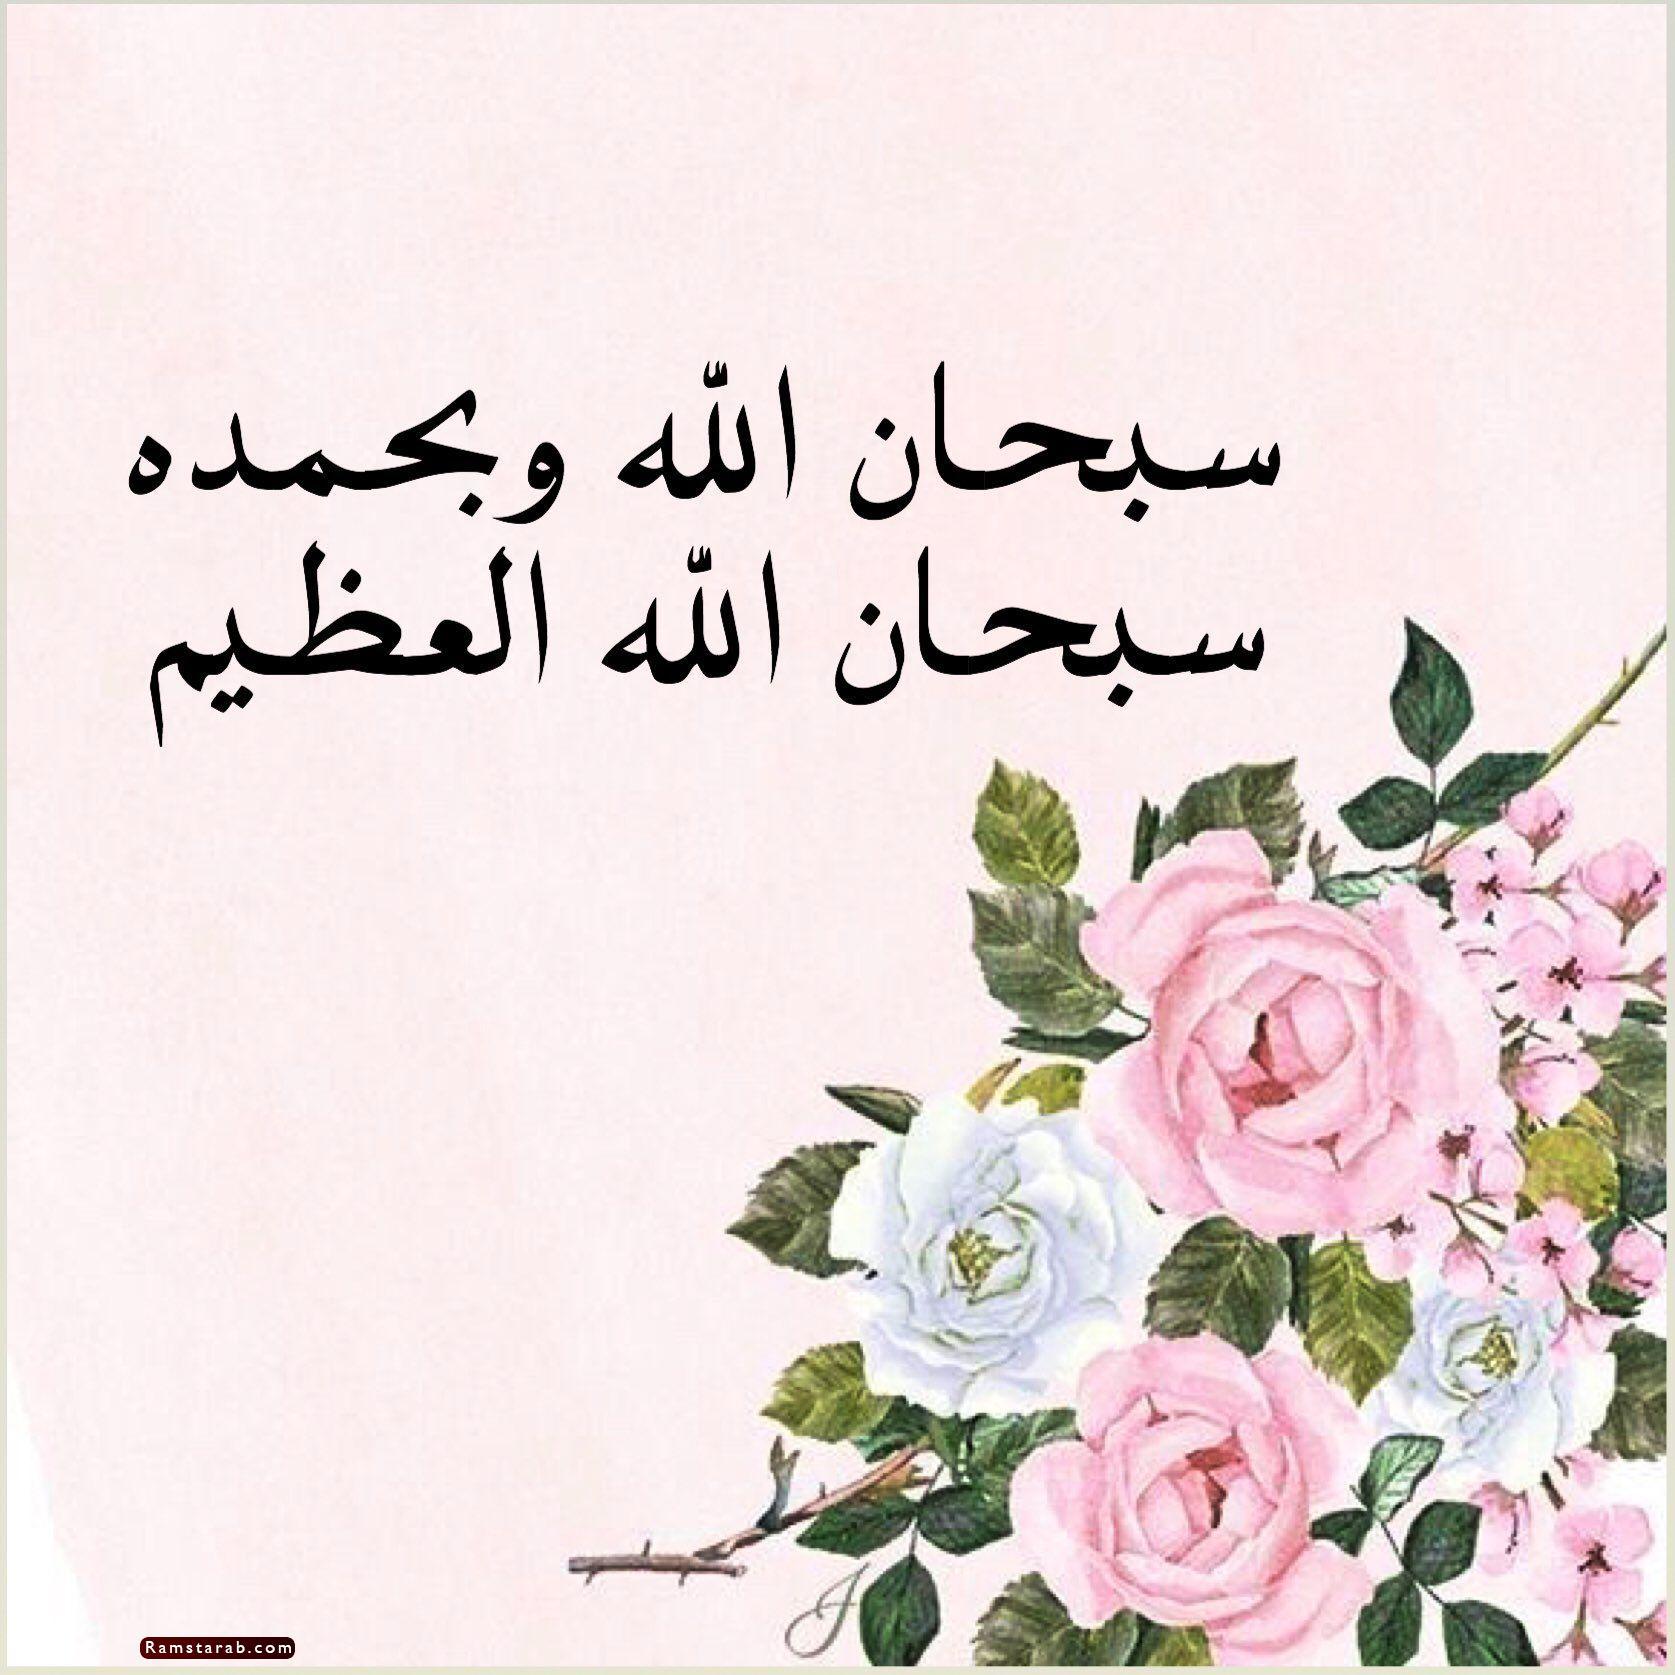 صور سبحان الله العظيم19